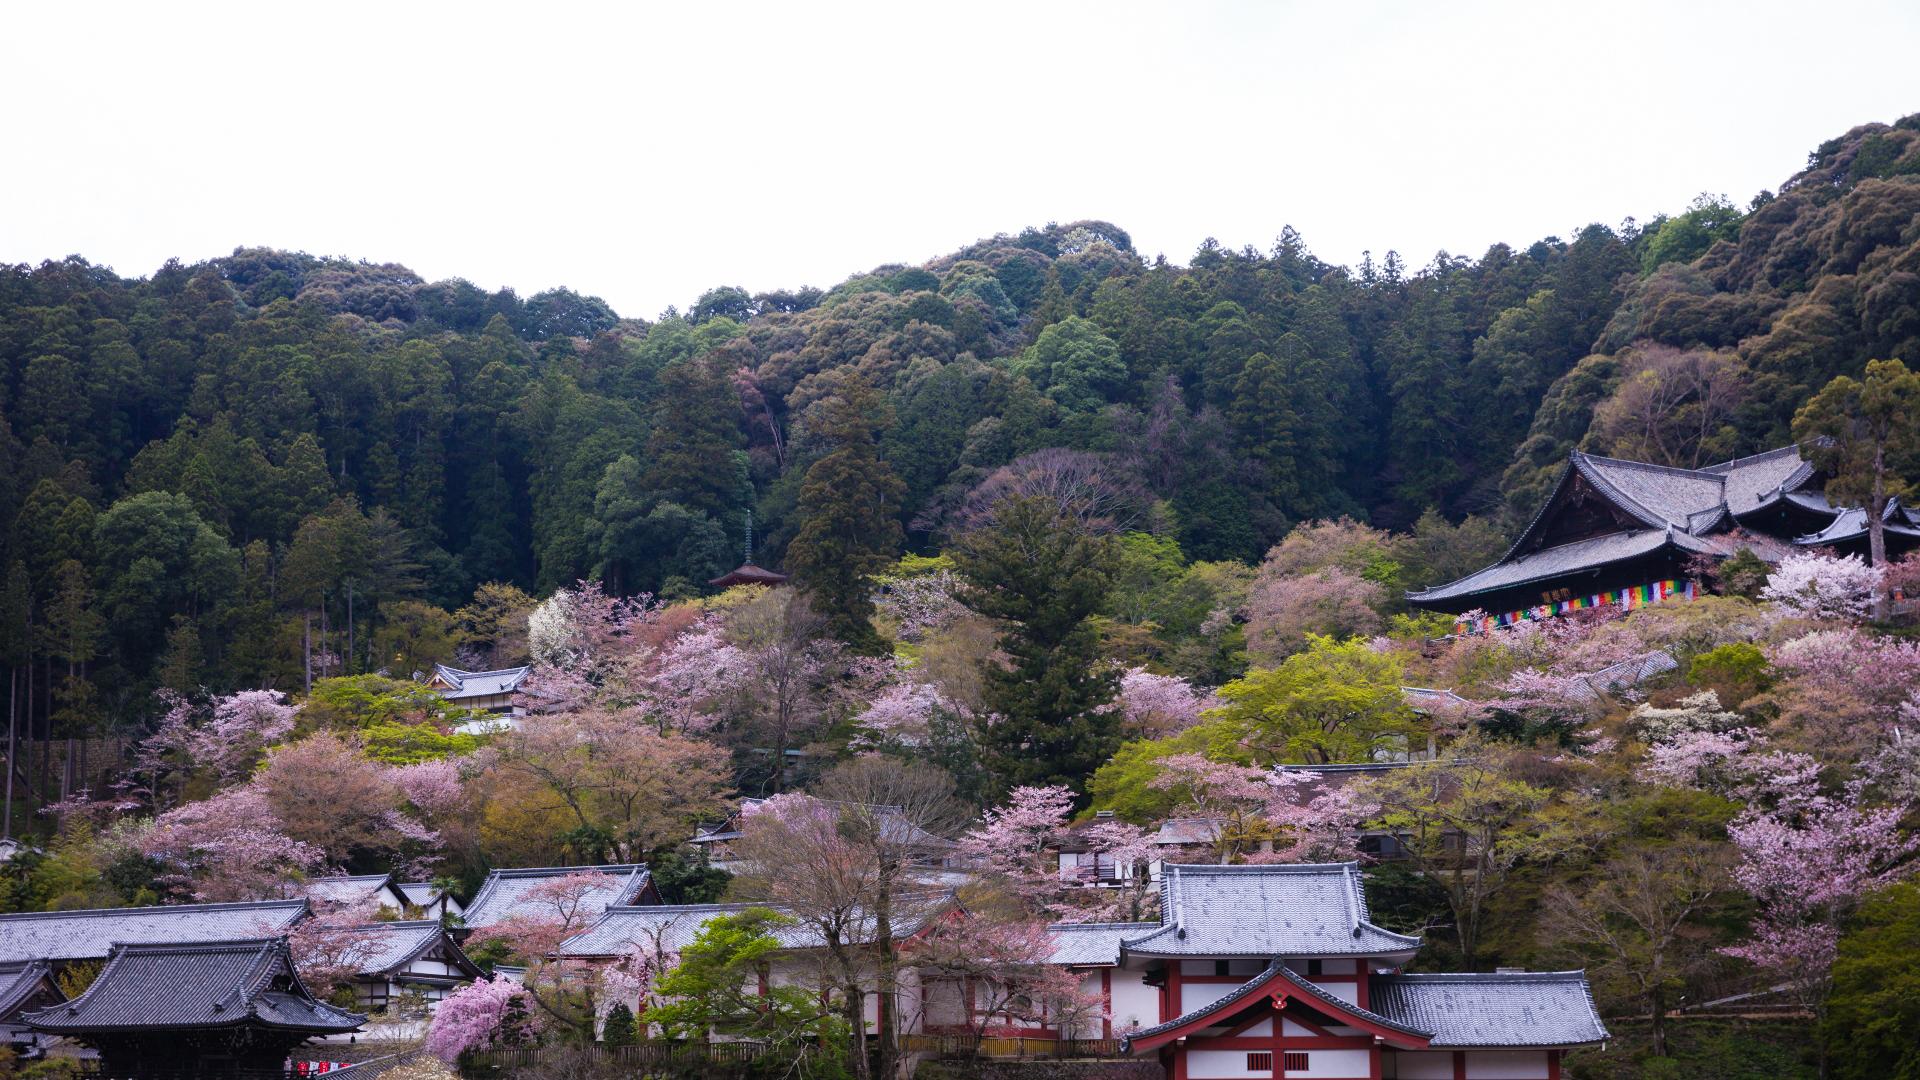 4014272_m-1 奈良県  長谷寺(境内に約1000本もの桜が咲き誇る春におすすめ桜スポット! 写真の紹介、アクセス情報や駐車場情報など)